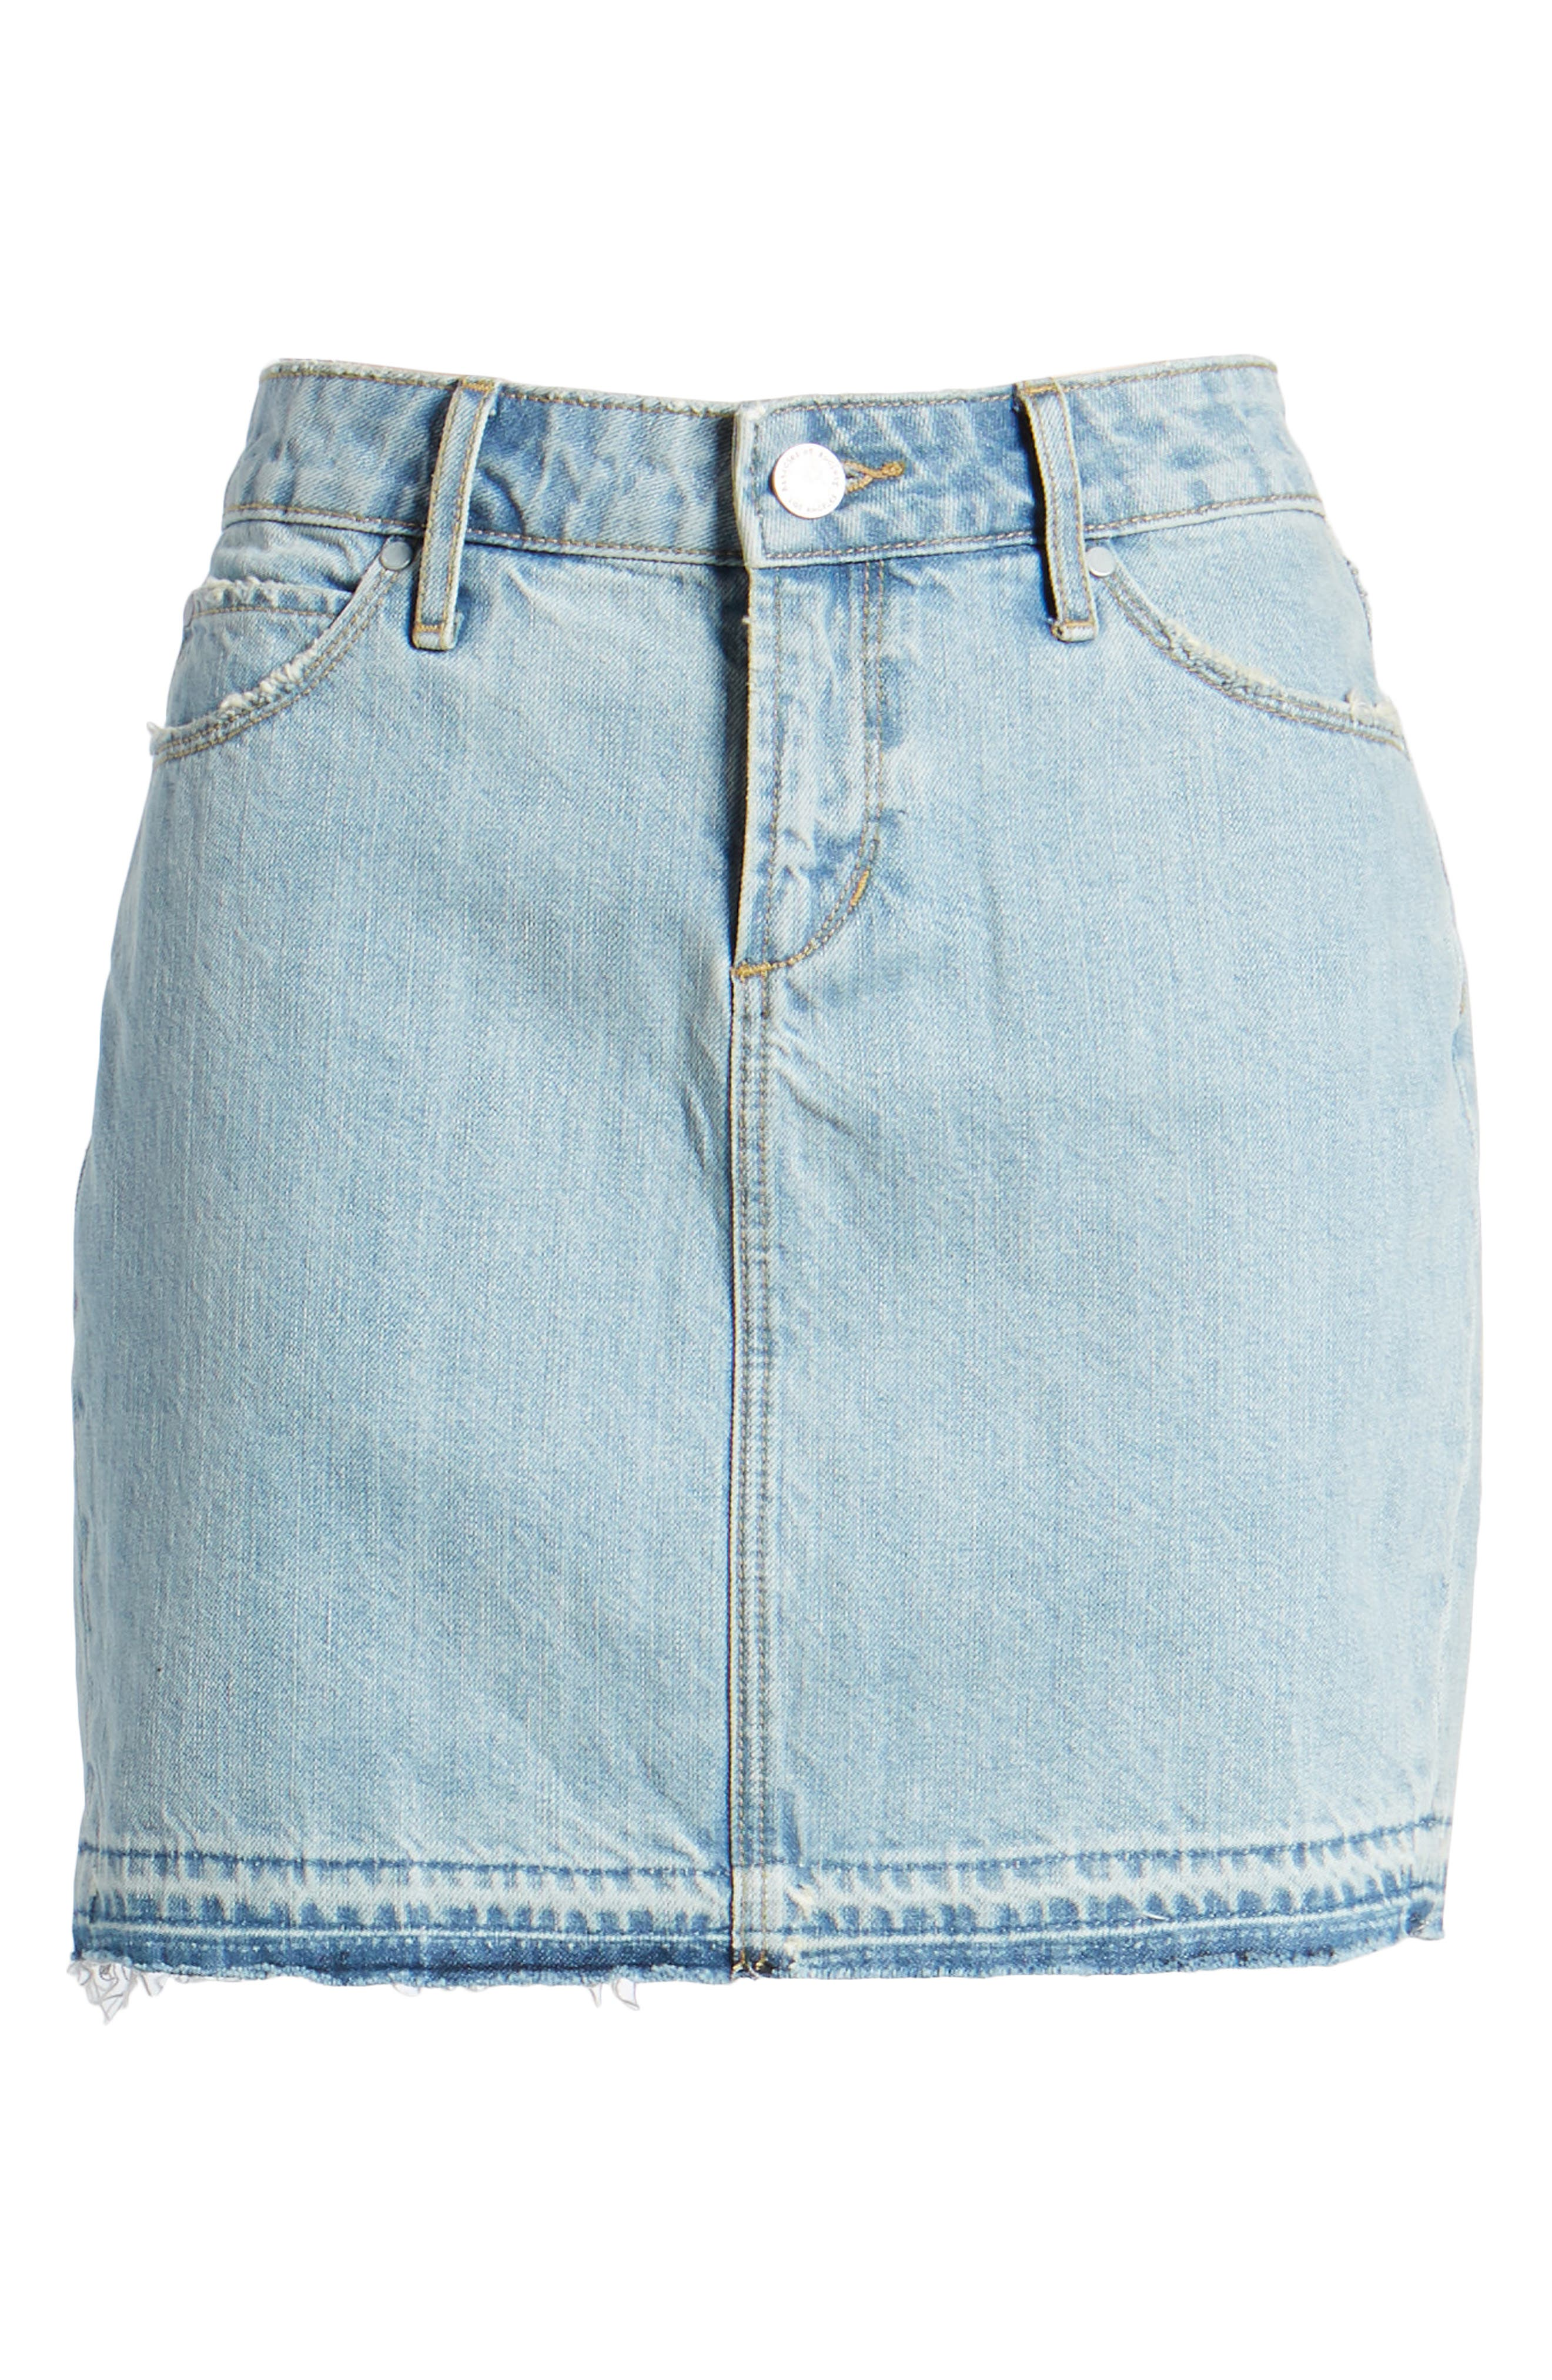 Stacy Release Hem Denim Skirt,                             Alternate thumbnail 7, color,